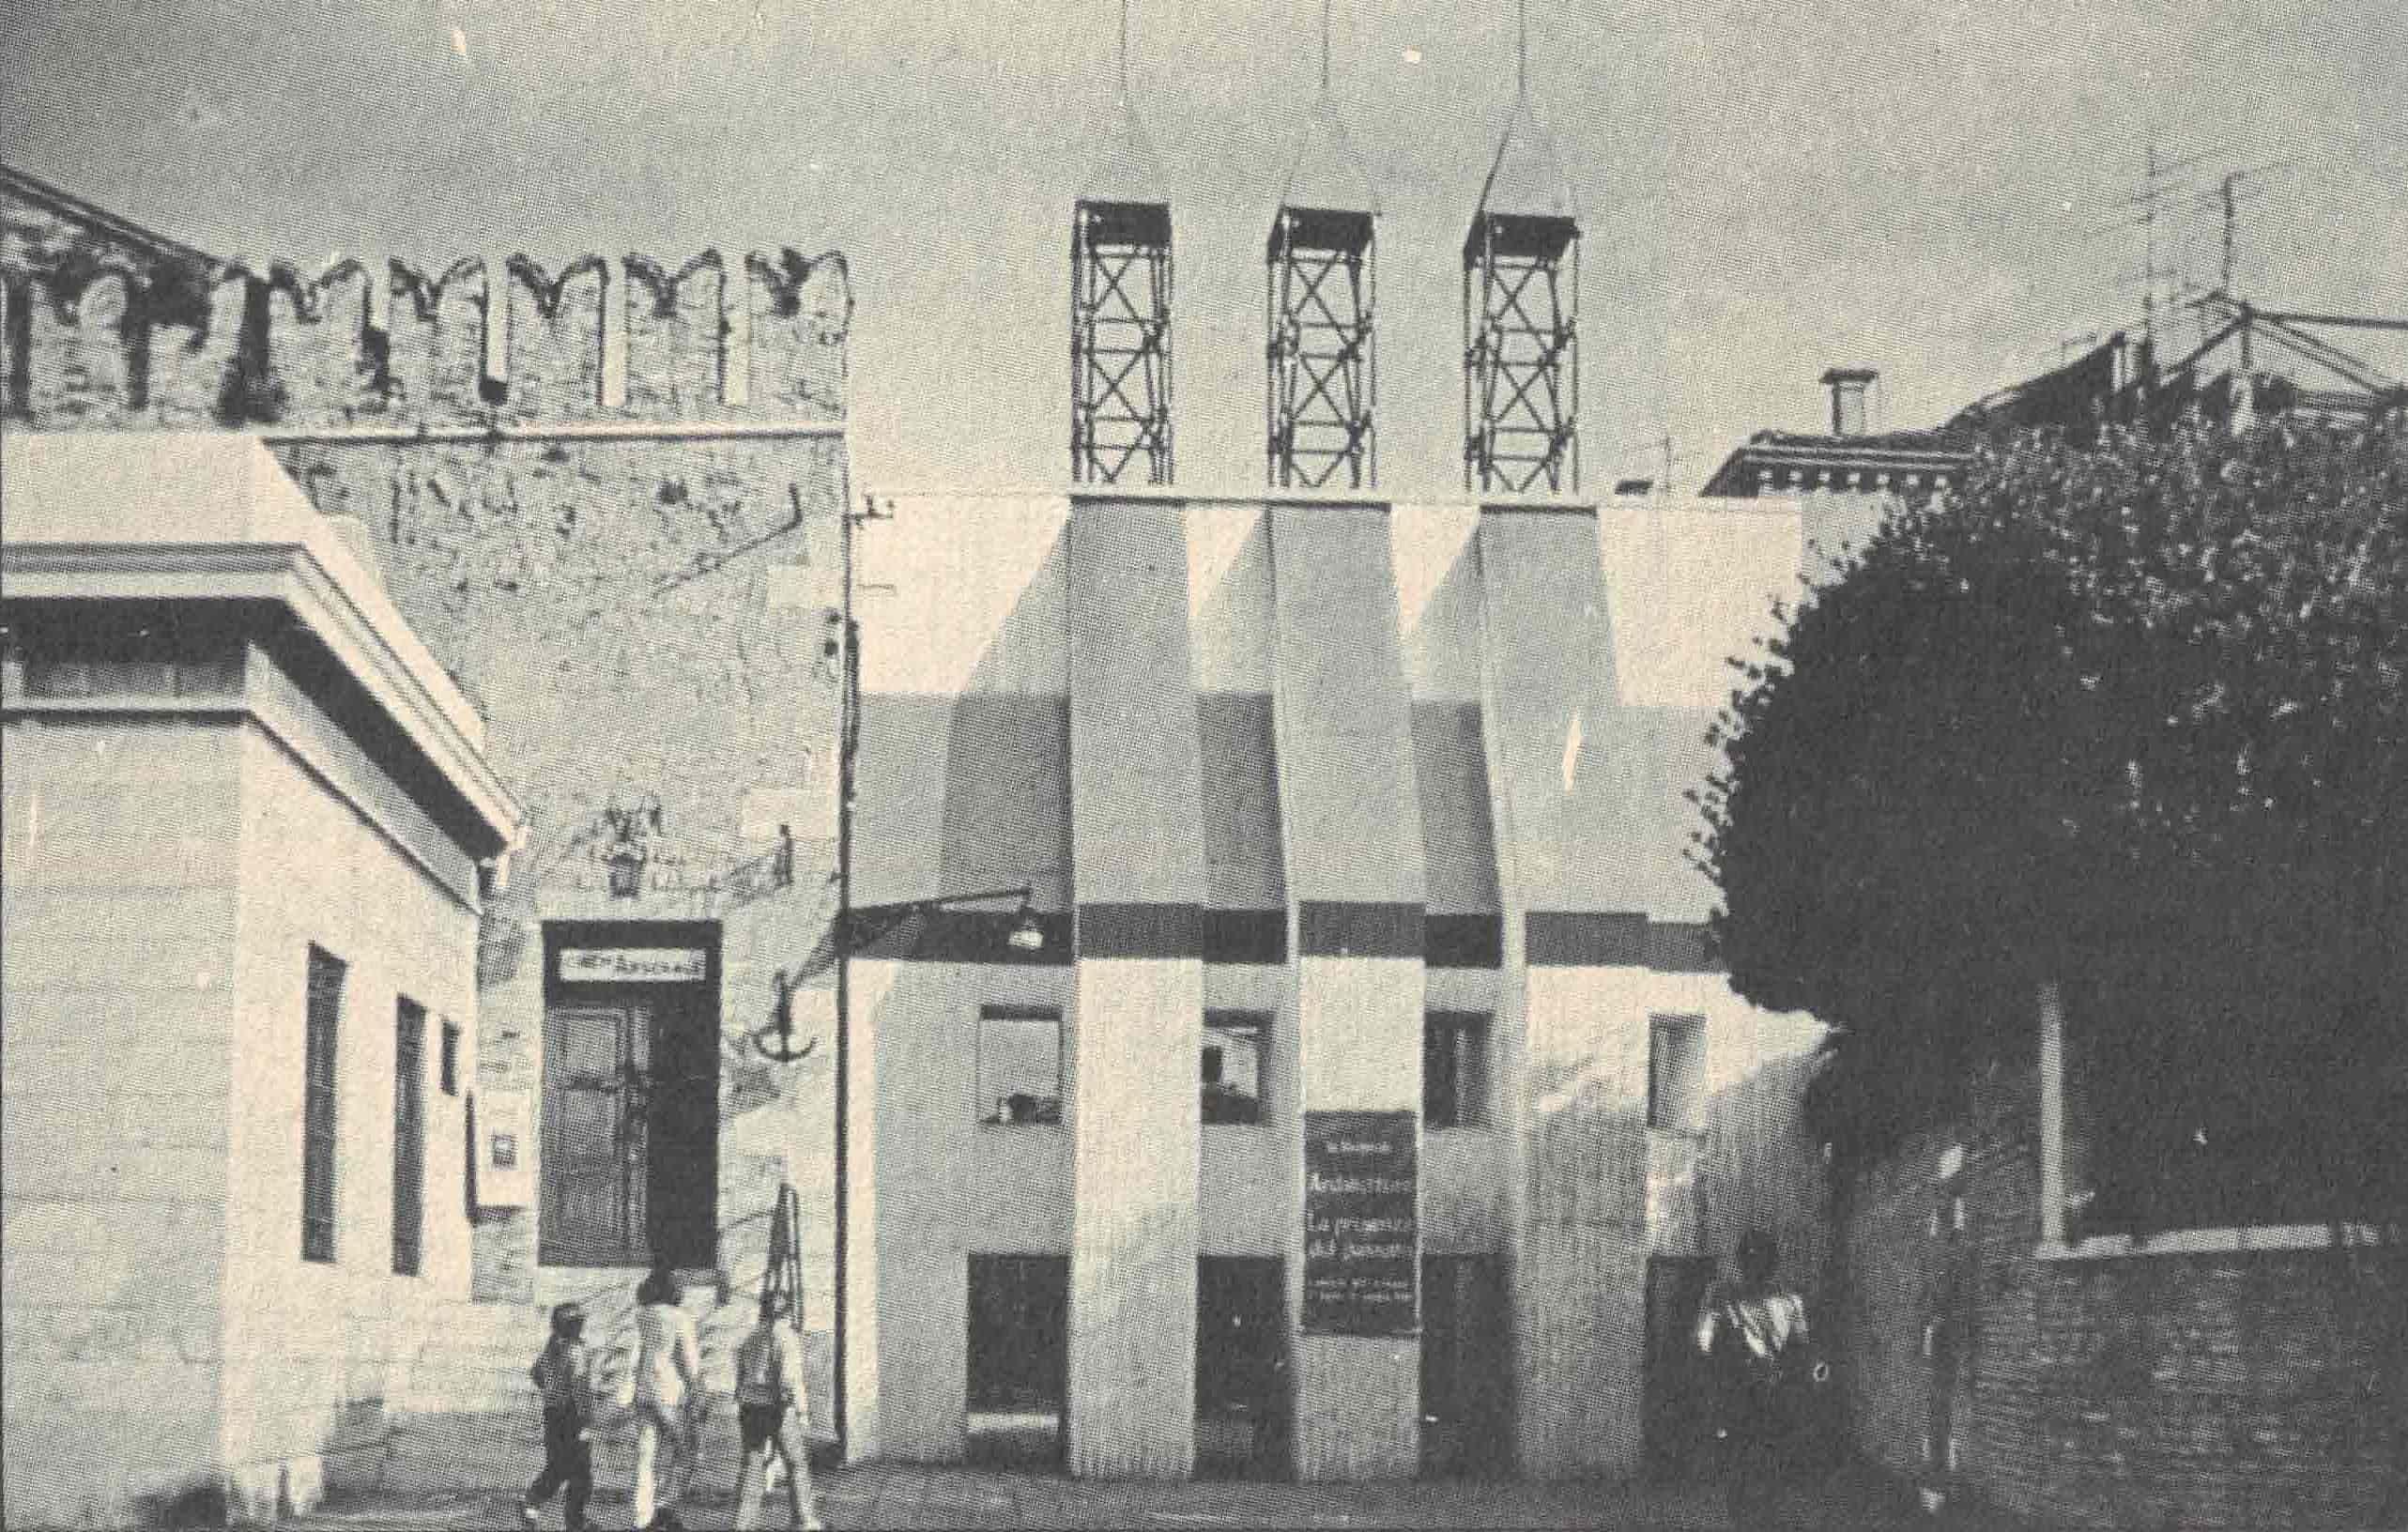 Figura 1. Aldo Rossi, Entrada para a mostra da I Bienal Internacional de Arquitetura, 1980